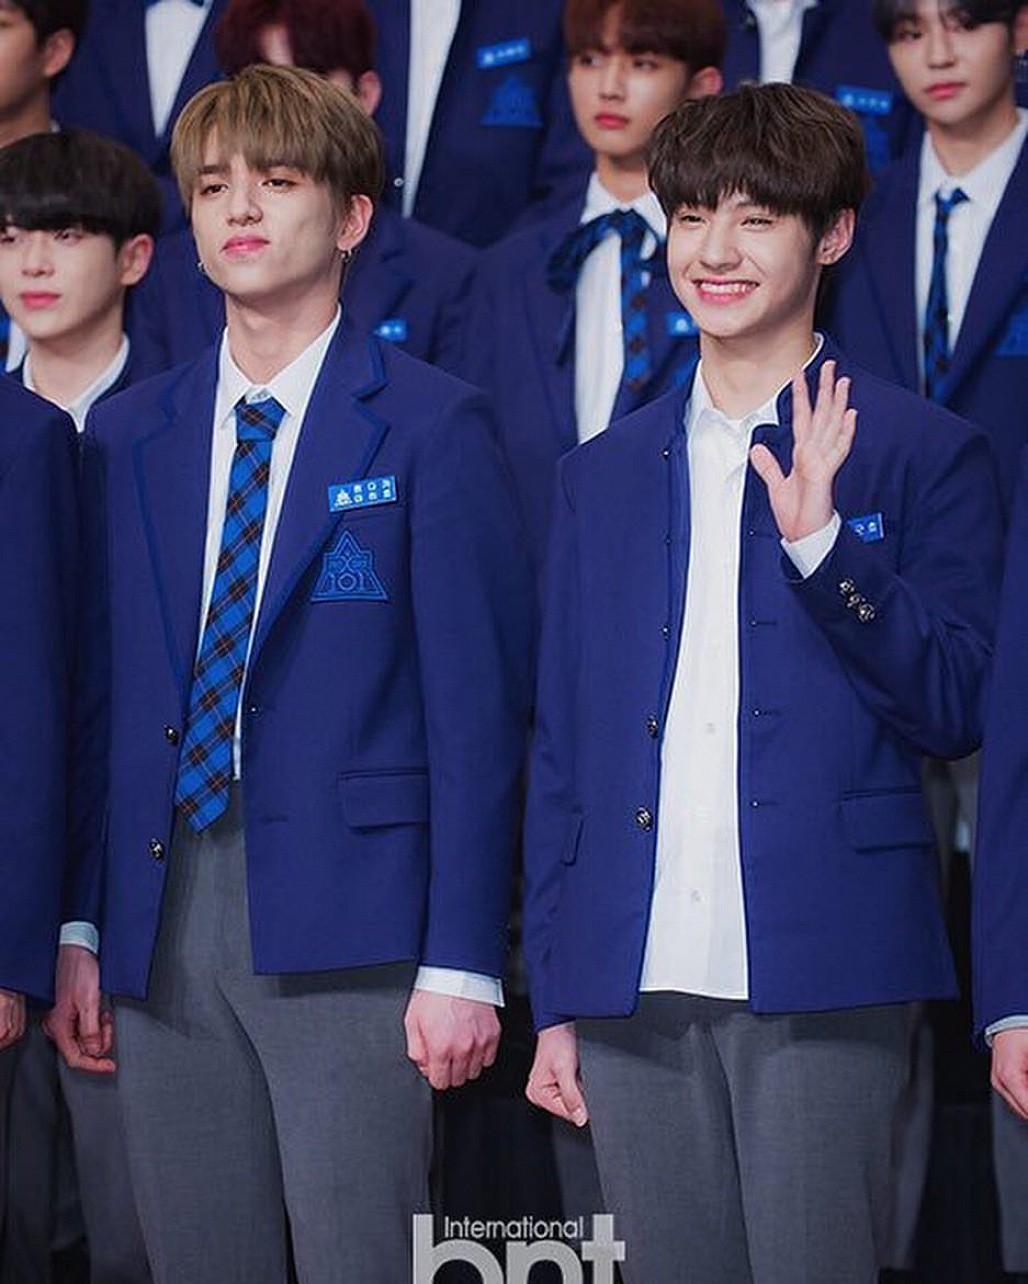 Liên tục rớt hạng tại Produce X 101, bộ đôi thực tập sinh của YG có thật sự bất tài đến thế? - Hình 3